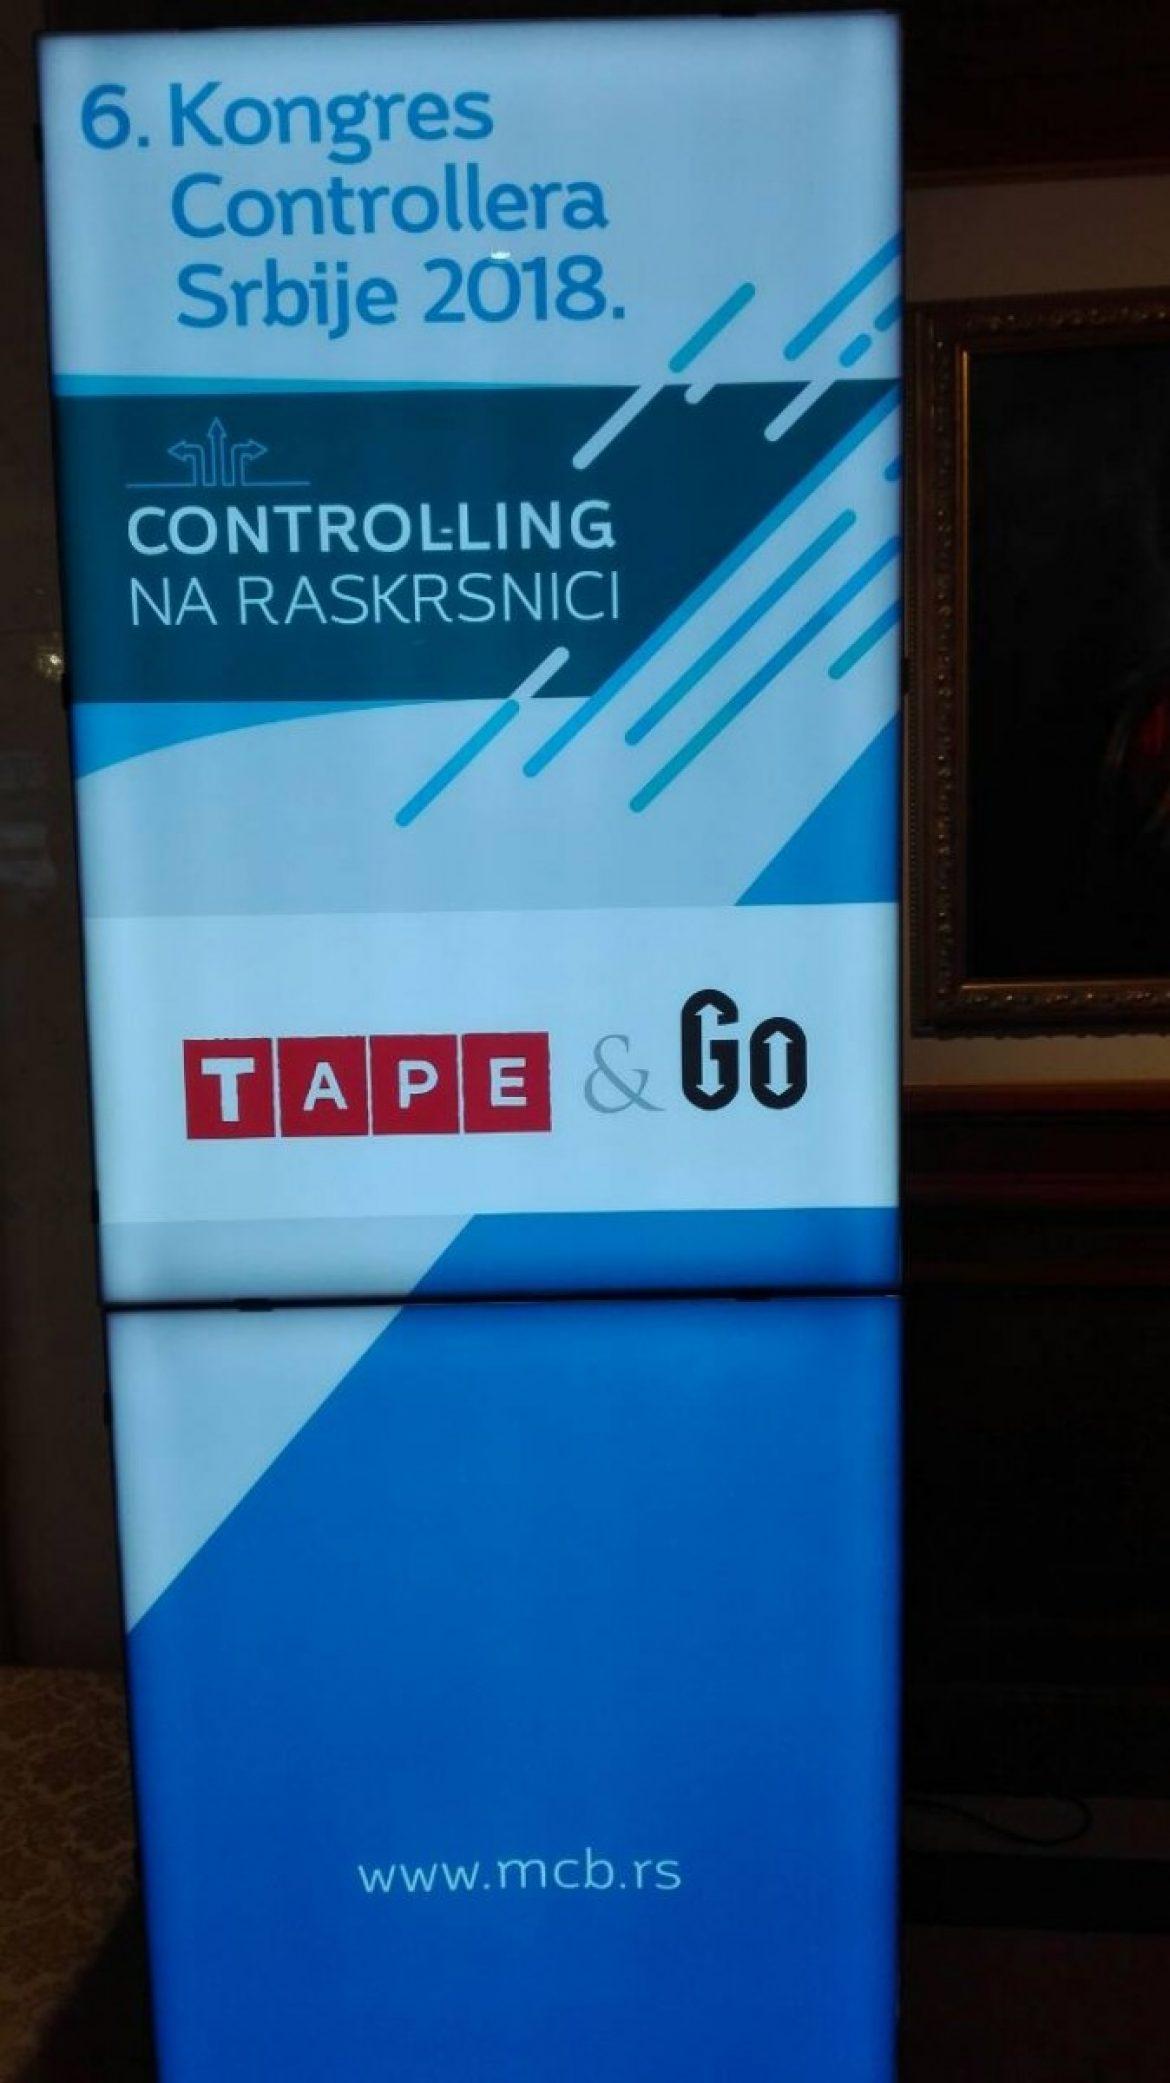 kongres-kontrolera-srbije-tapeandgo-1170x2083